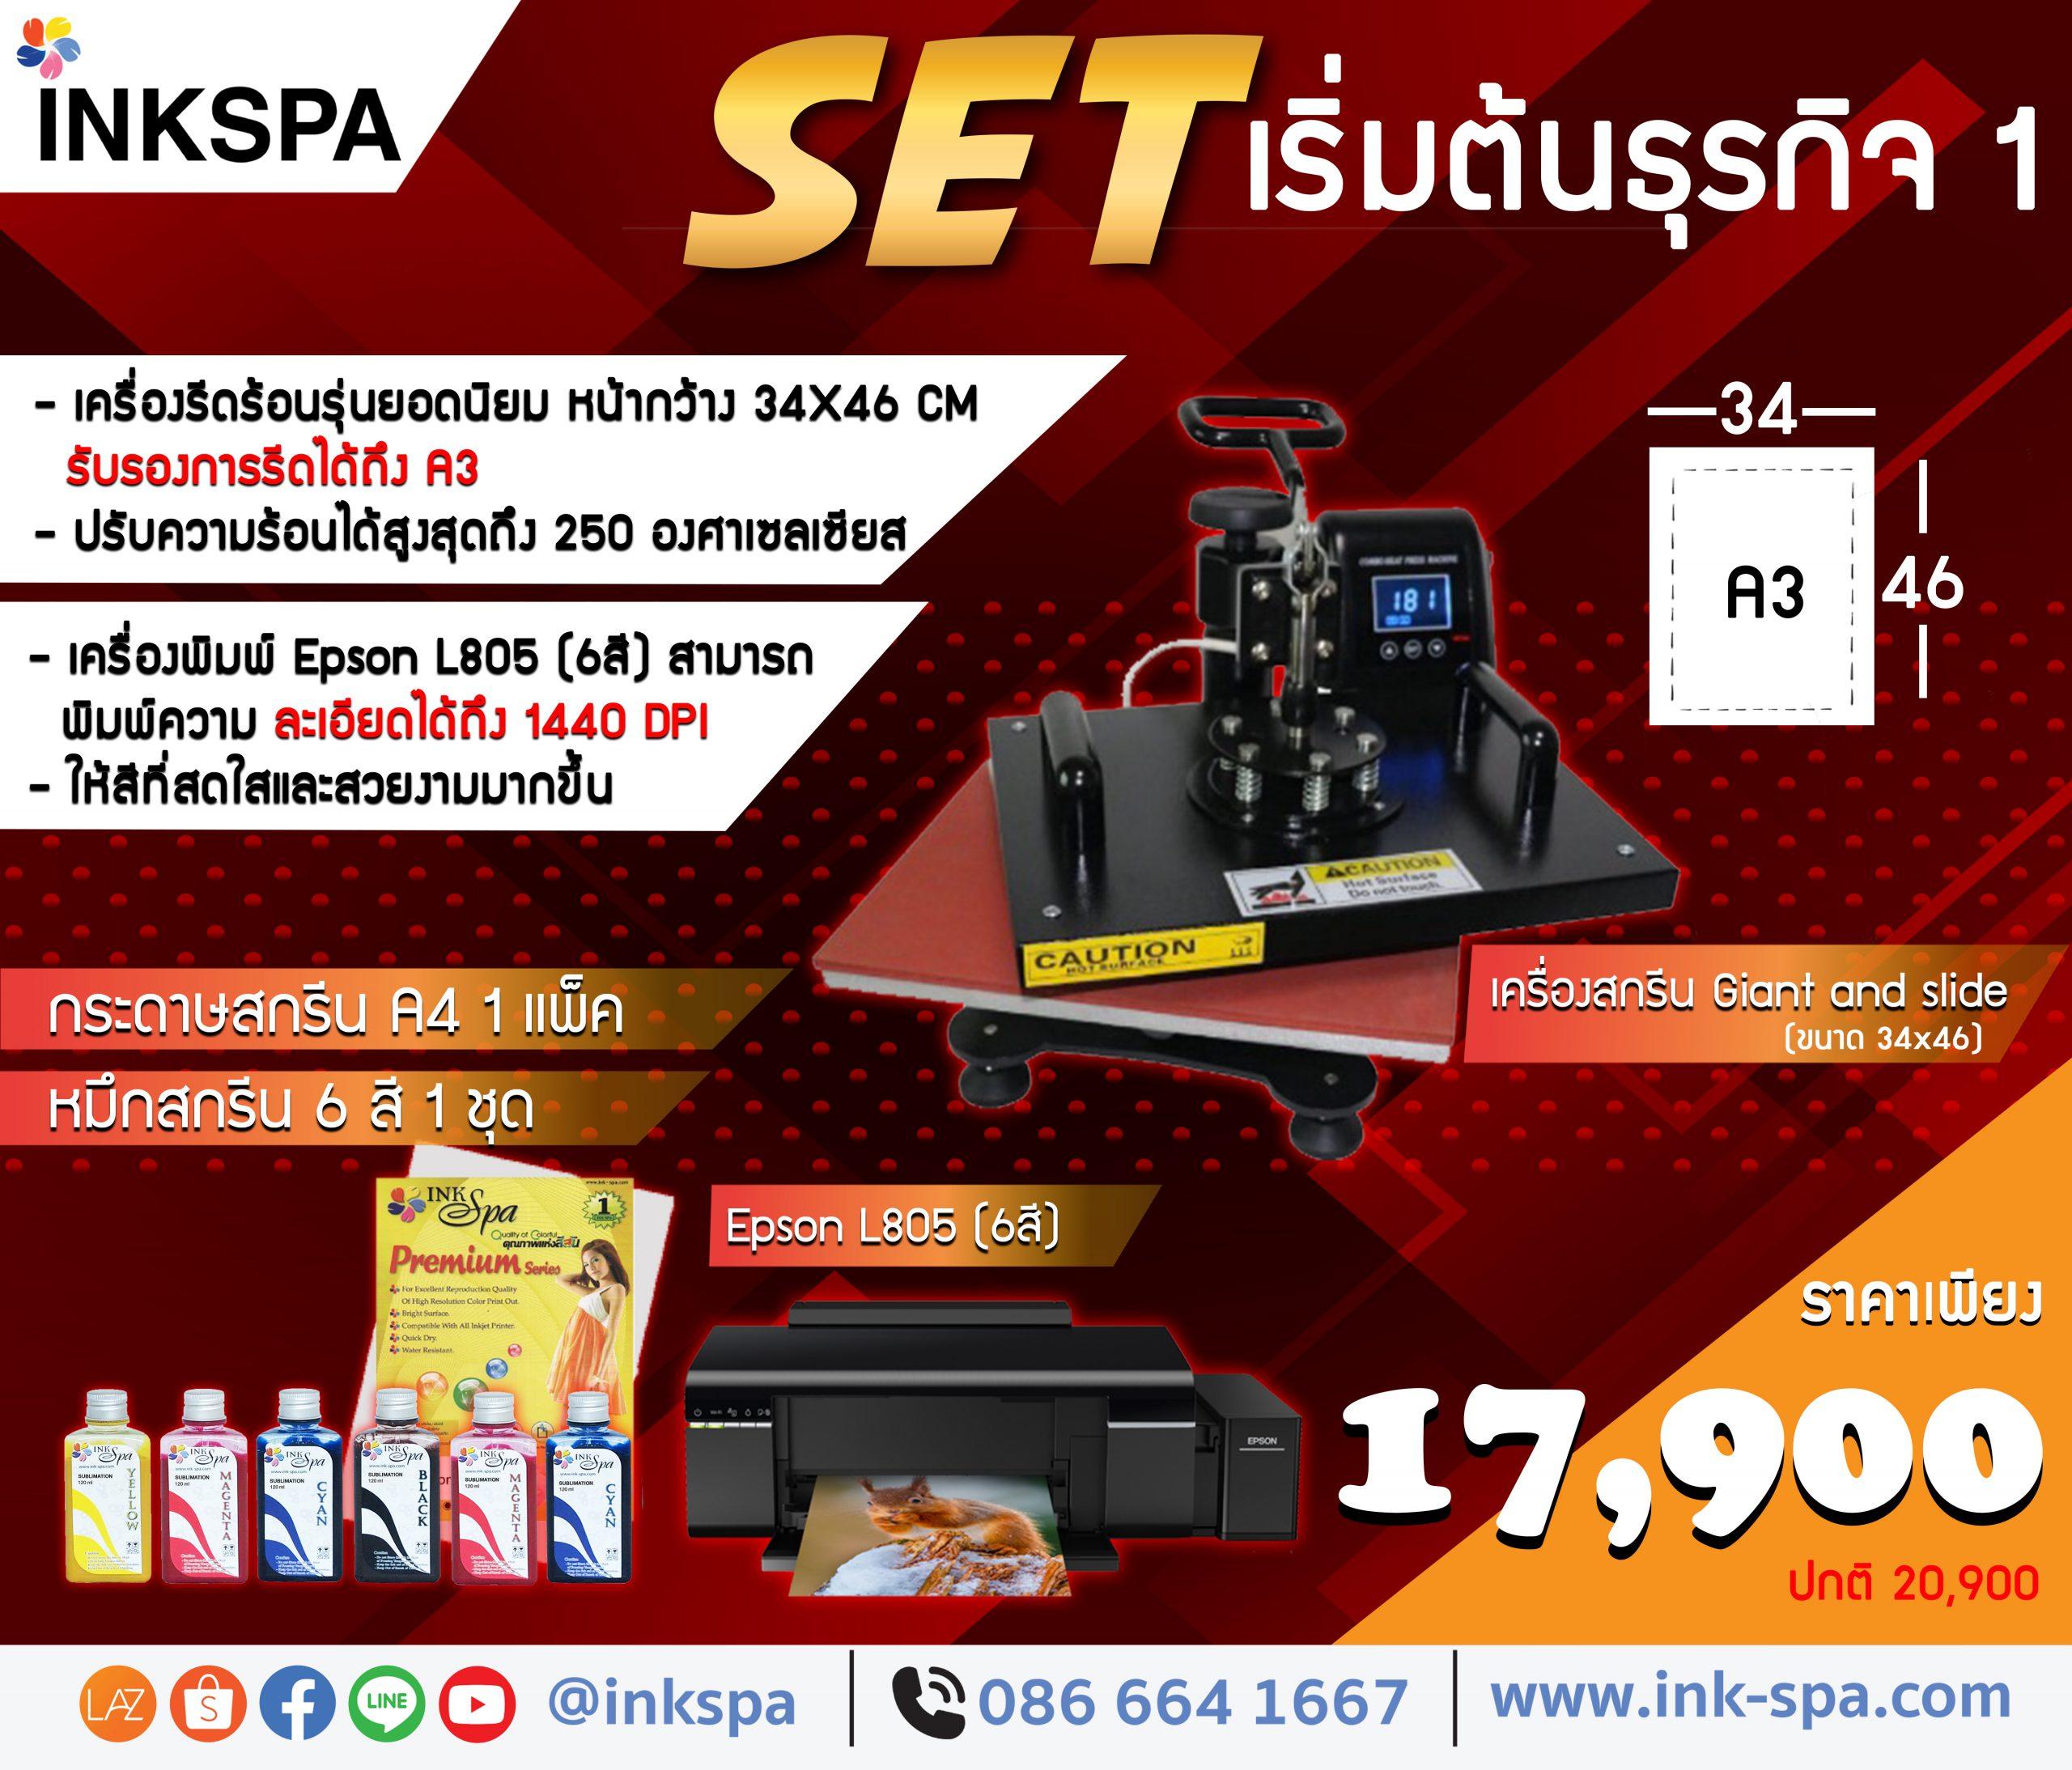 Epon L805, เครื่องพิมพ์ Epson, Heat Transfer, เครื่องรีด, เครื่องสกรีน